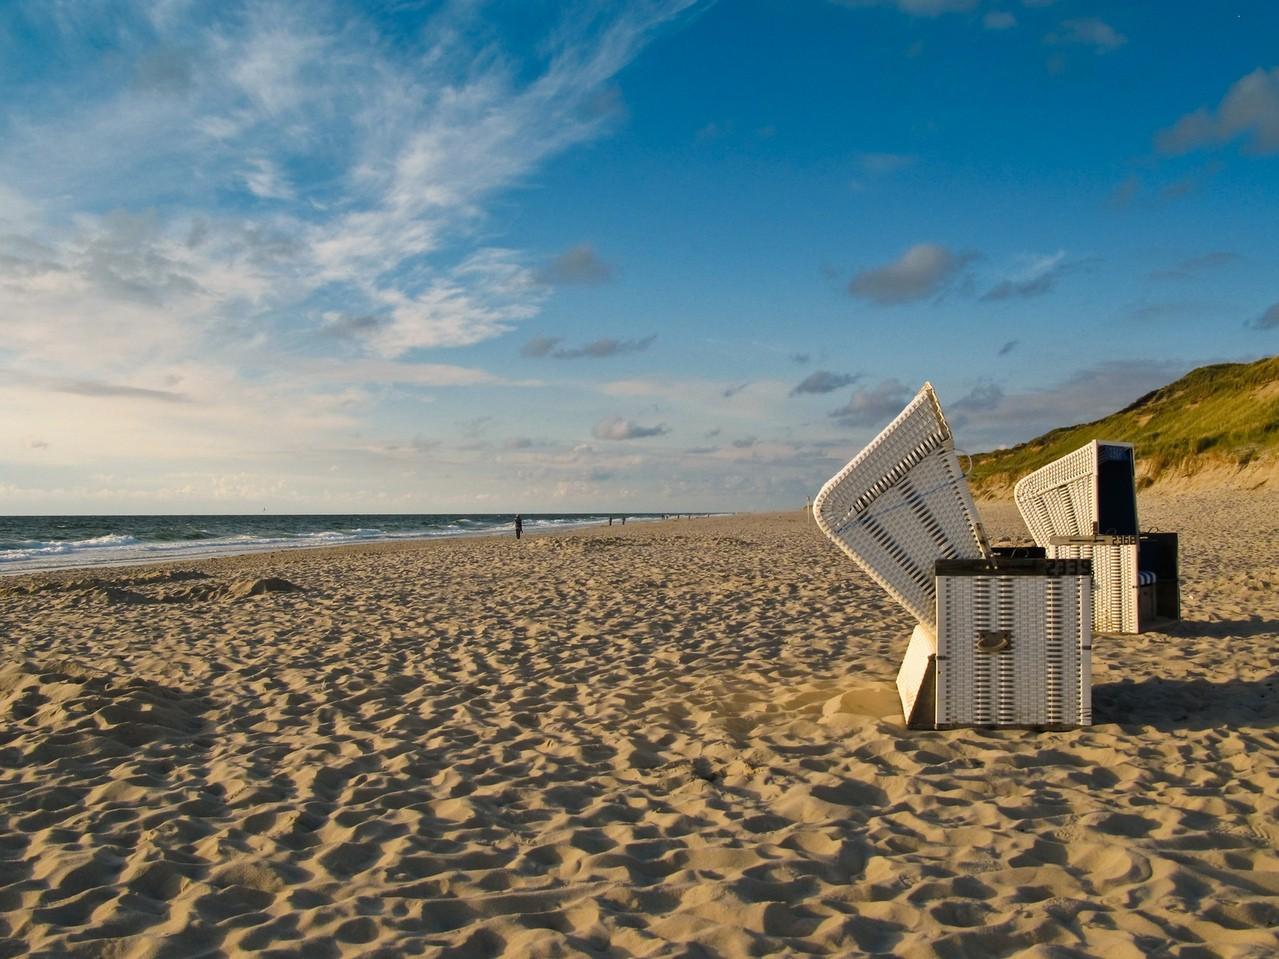 Wakacje nad morzem – dlaczego to dobry pomysł?